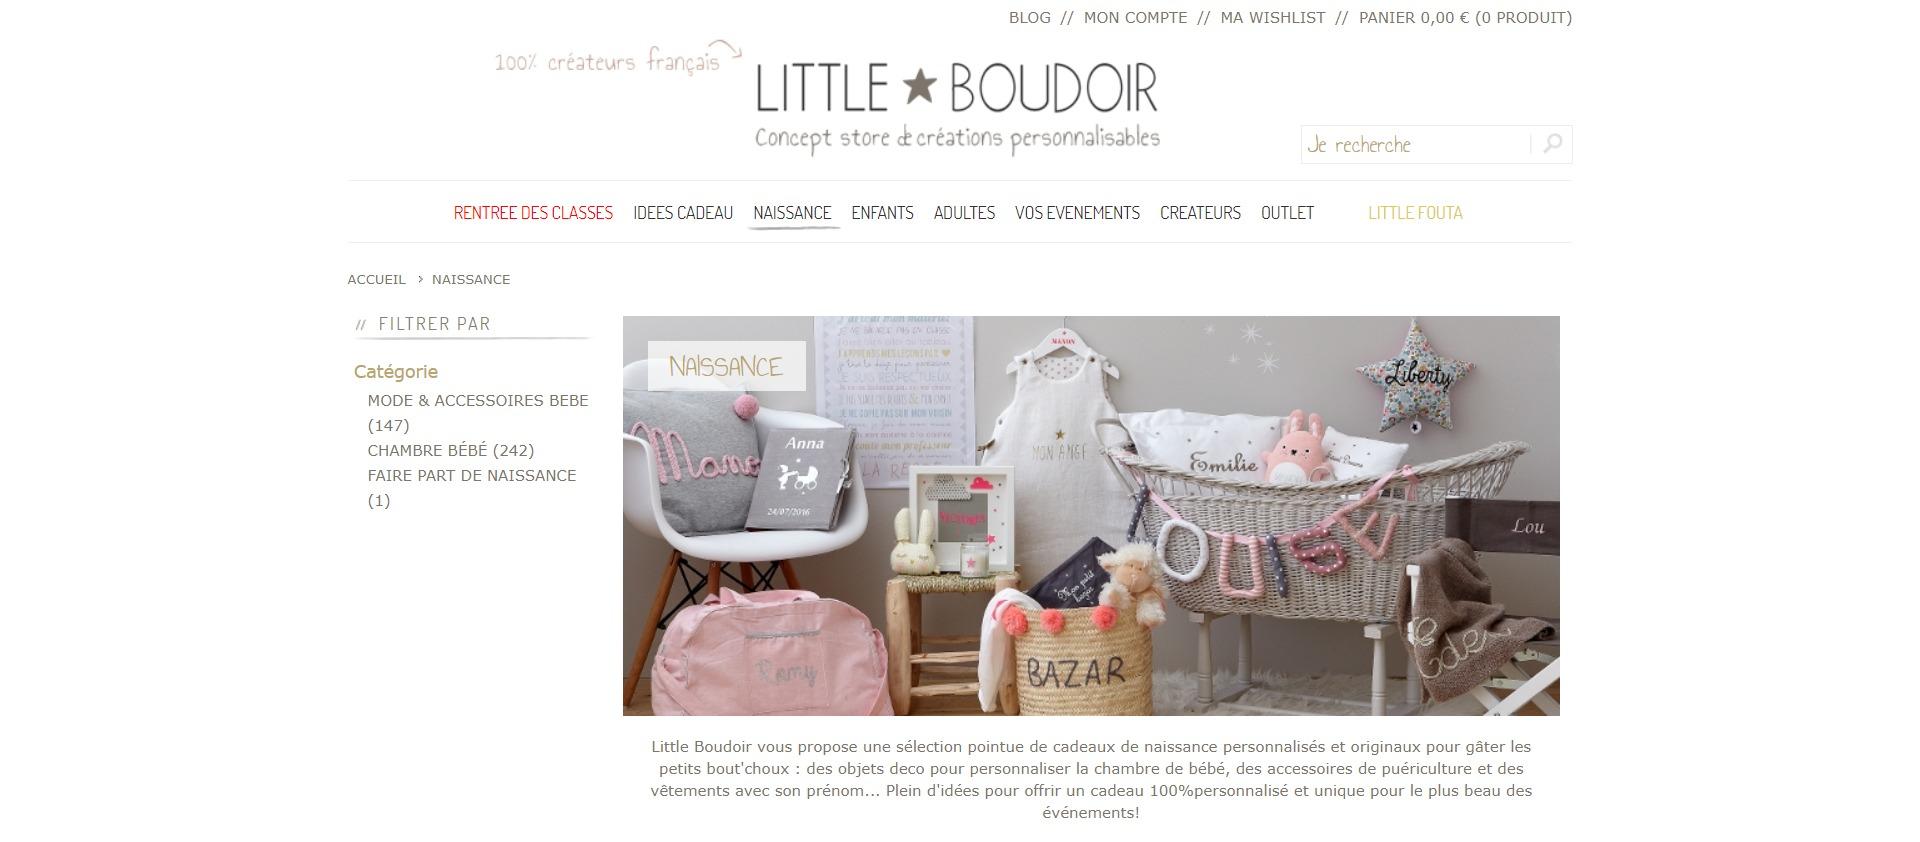 Cadeau Naissance Personnalisé - Boutique en Ligne